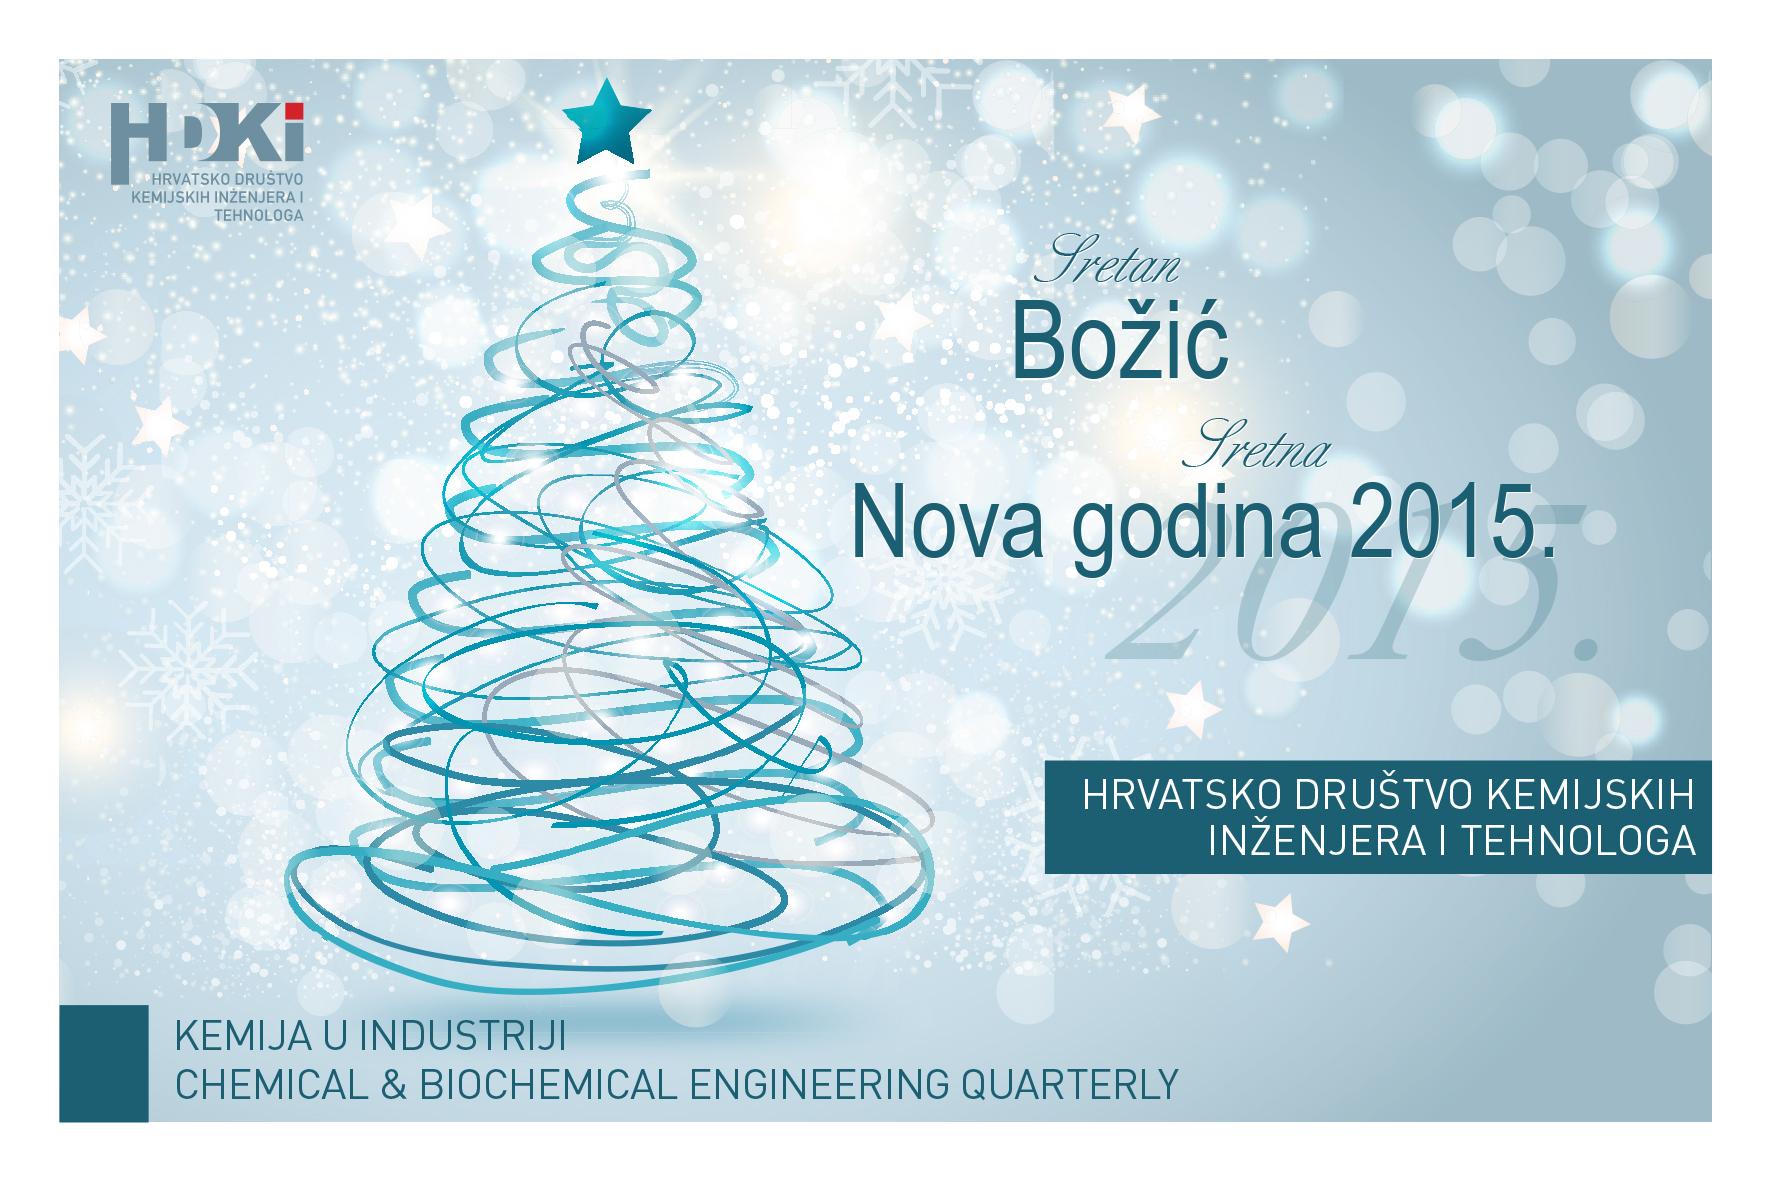 sretan božić nova godina čestitke SRETAN BOŽIĆ I SRETNA NOVA GODINA 2015.   HDKI sretan božić nova godina čestitke